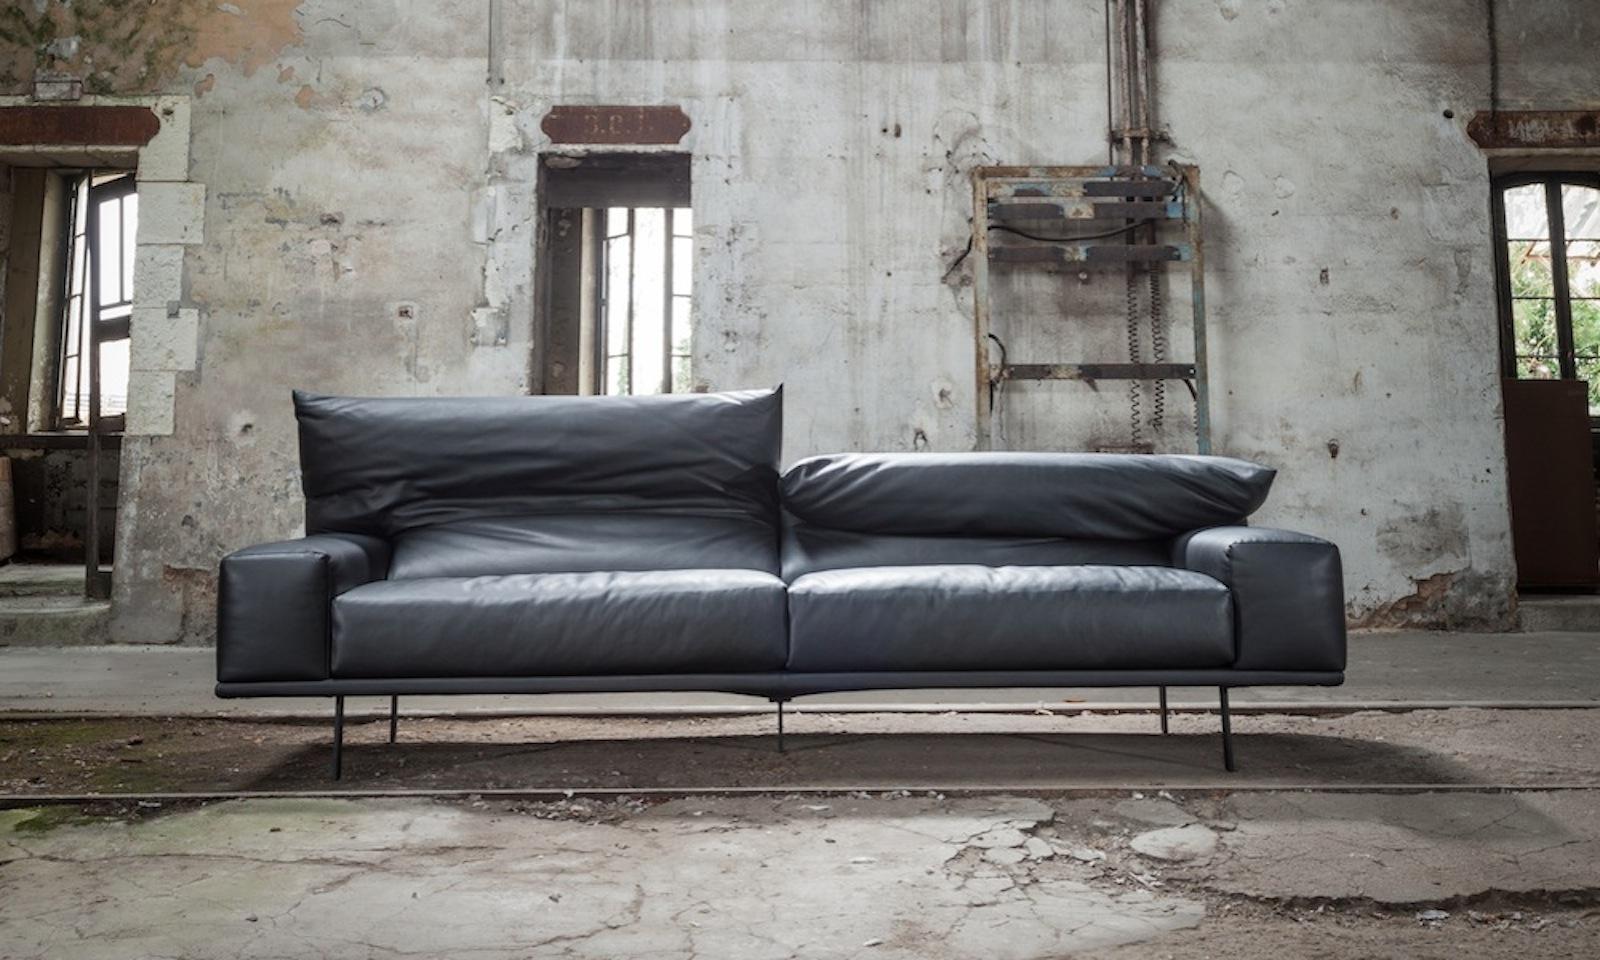 triss fabriquant de mobilier contemporain haut de gamme. Black Bedroom Furniture Sets. Home Design Ideas